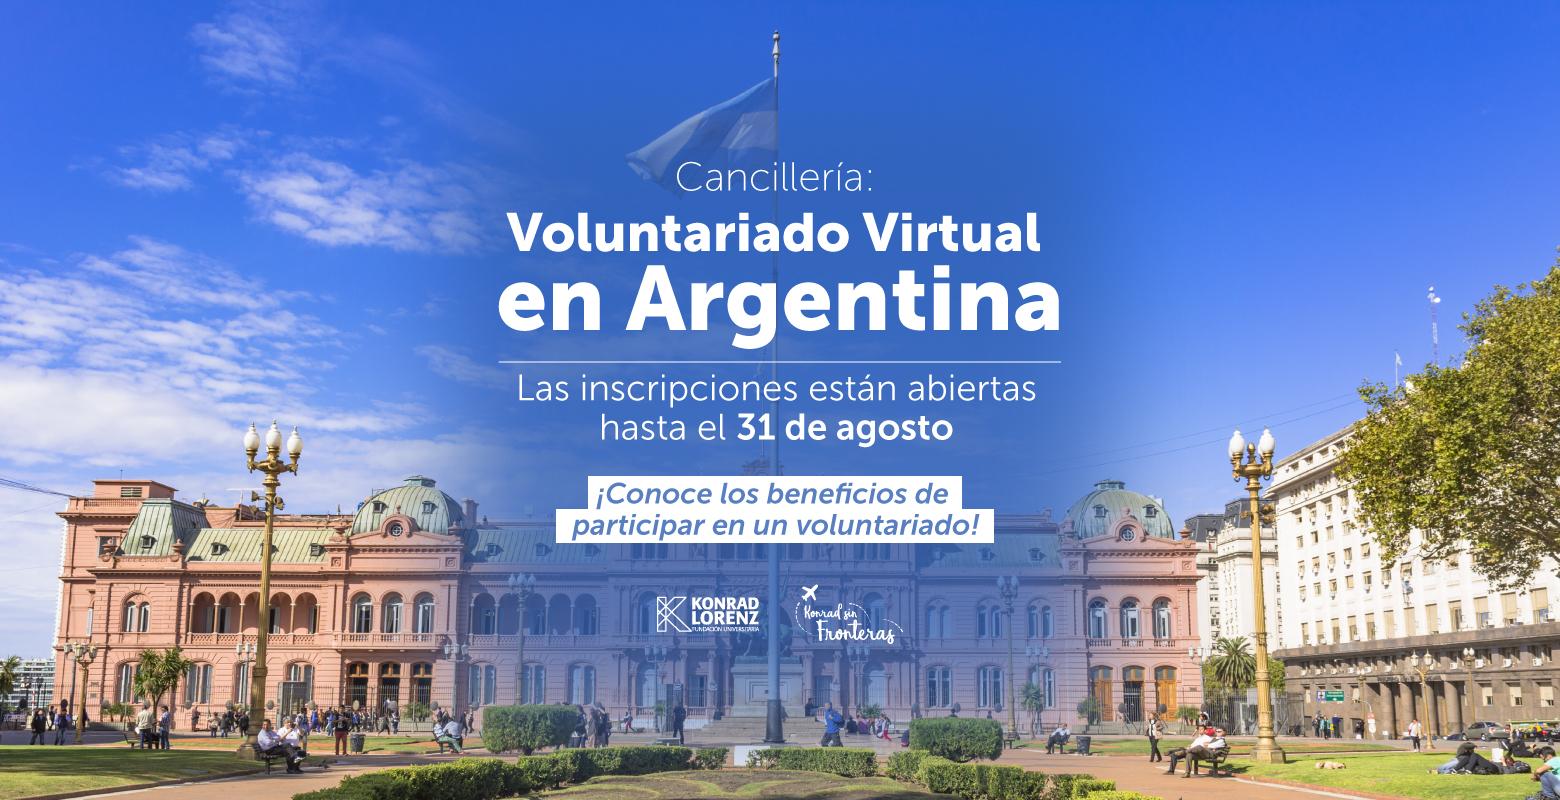 Cancillería: Voluntariado Virtual en Argentina